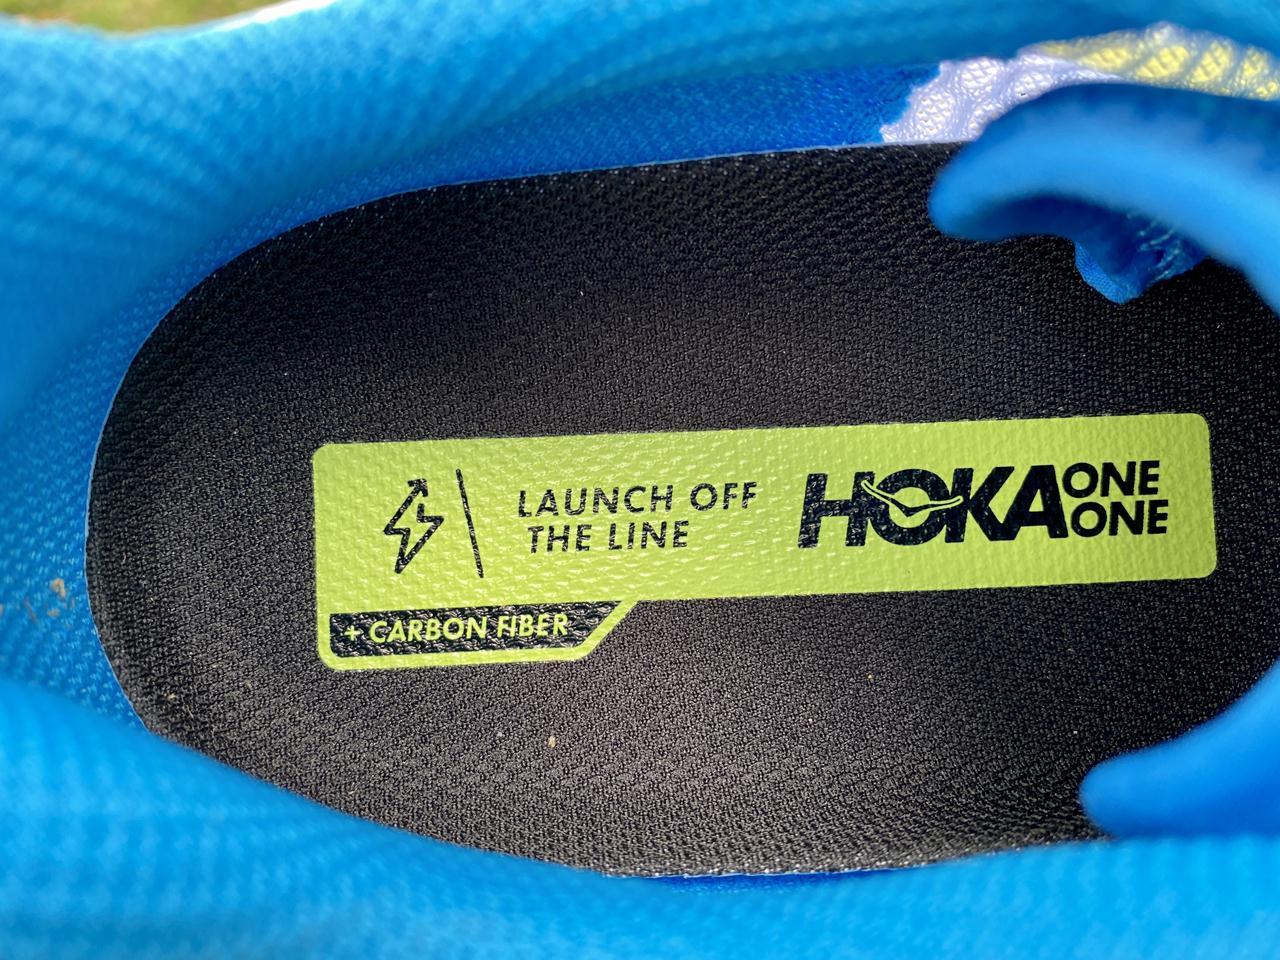 Hoka One One Rocket X - Inside